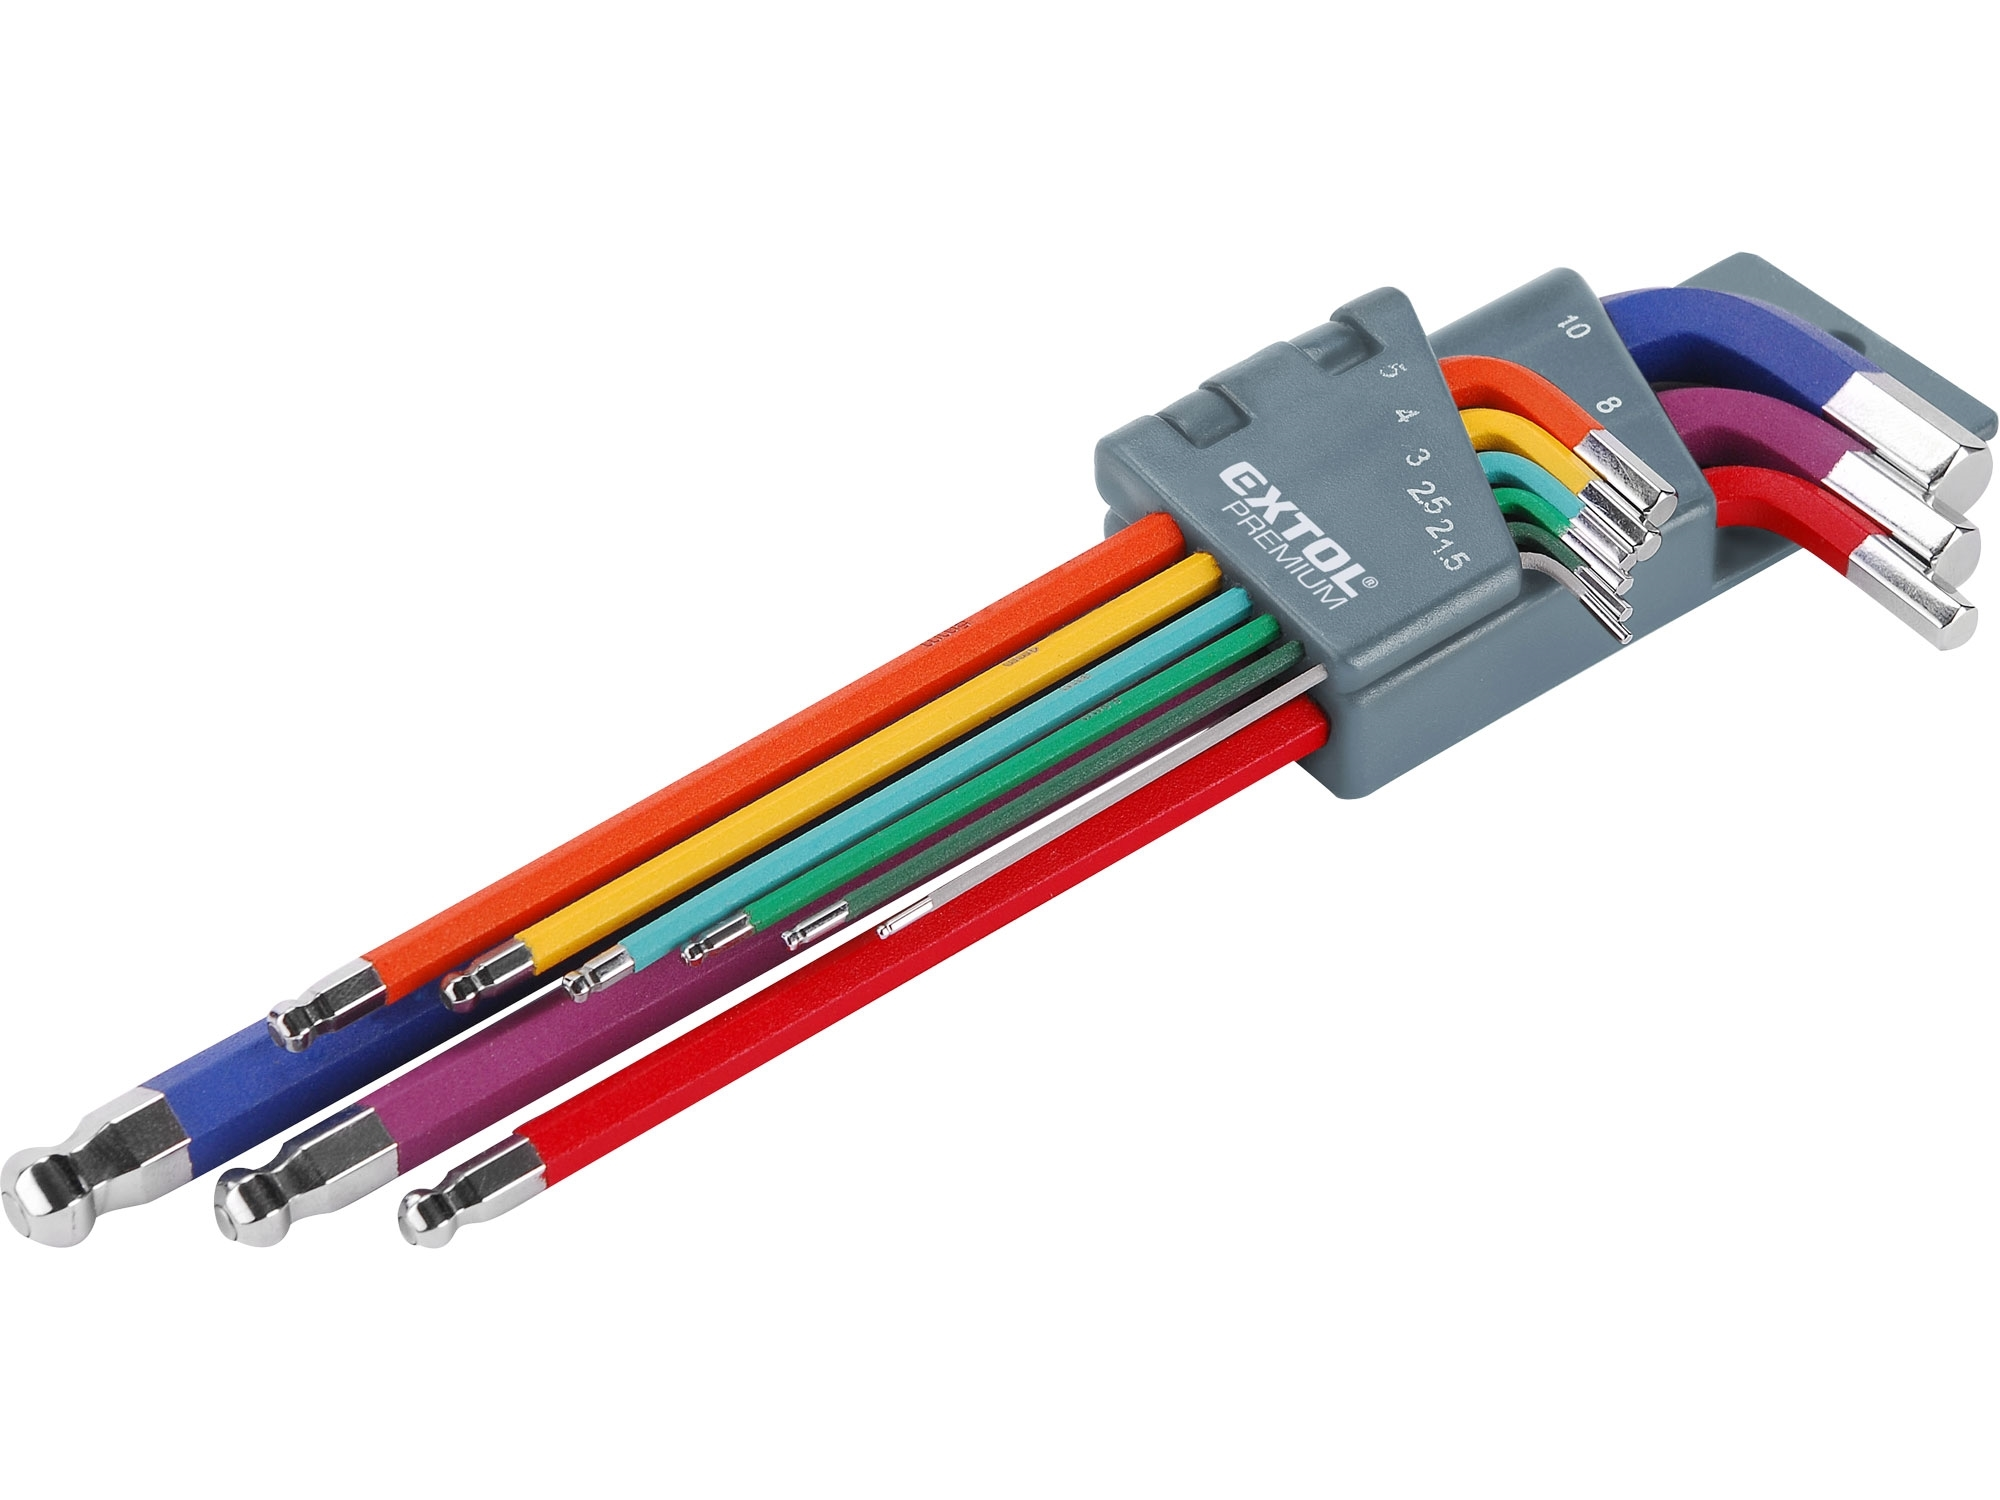 L-klíče IMBUS prodloužené barevné, sada 9ks, s kuličkou, 1,5-10mm